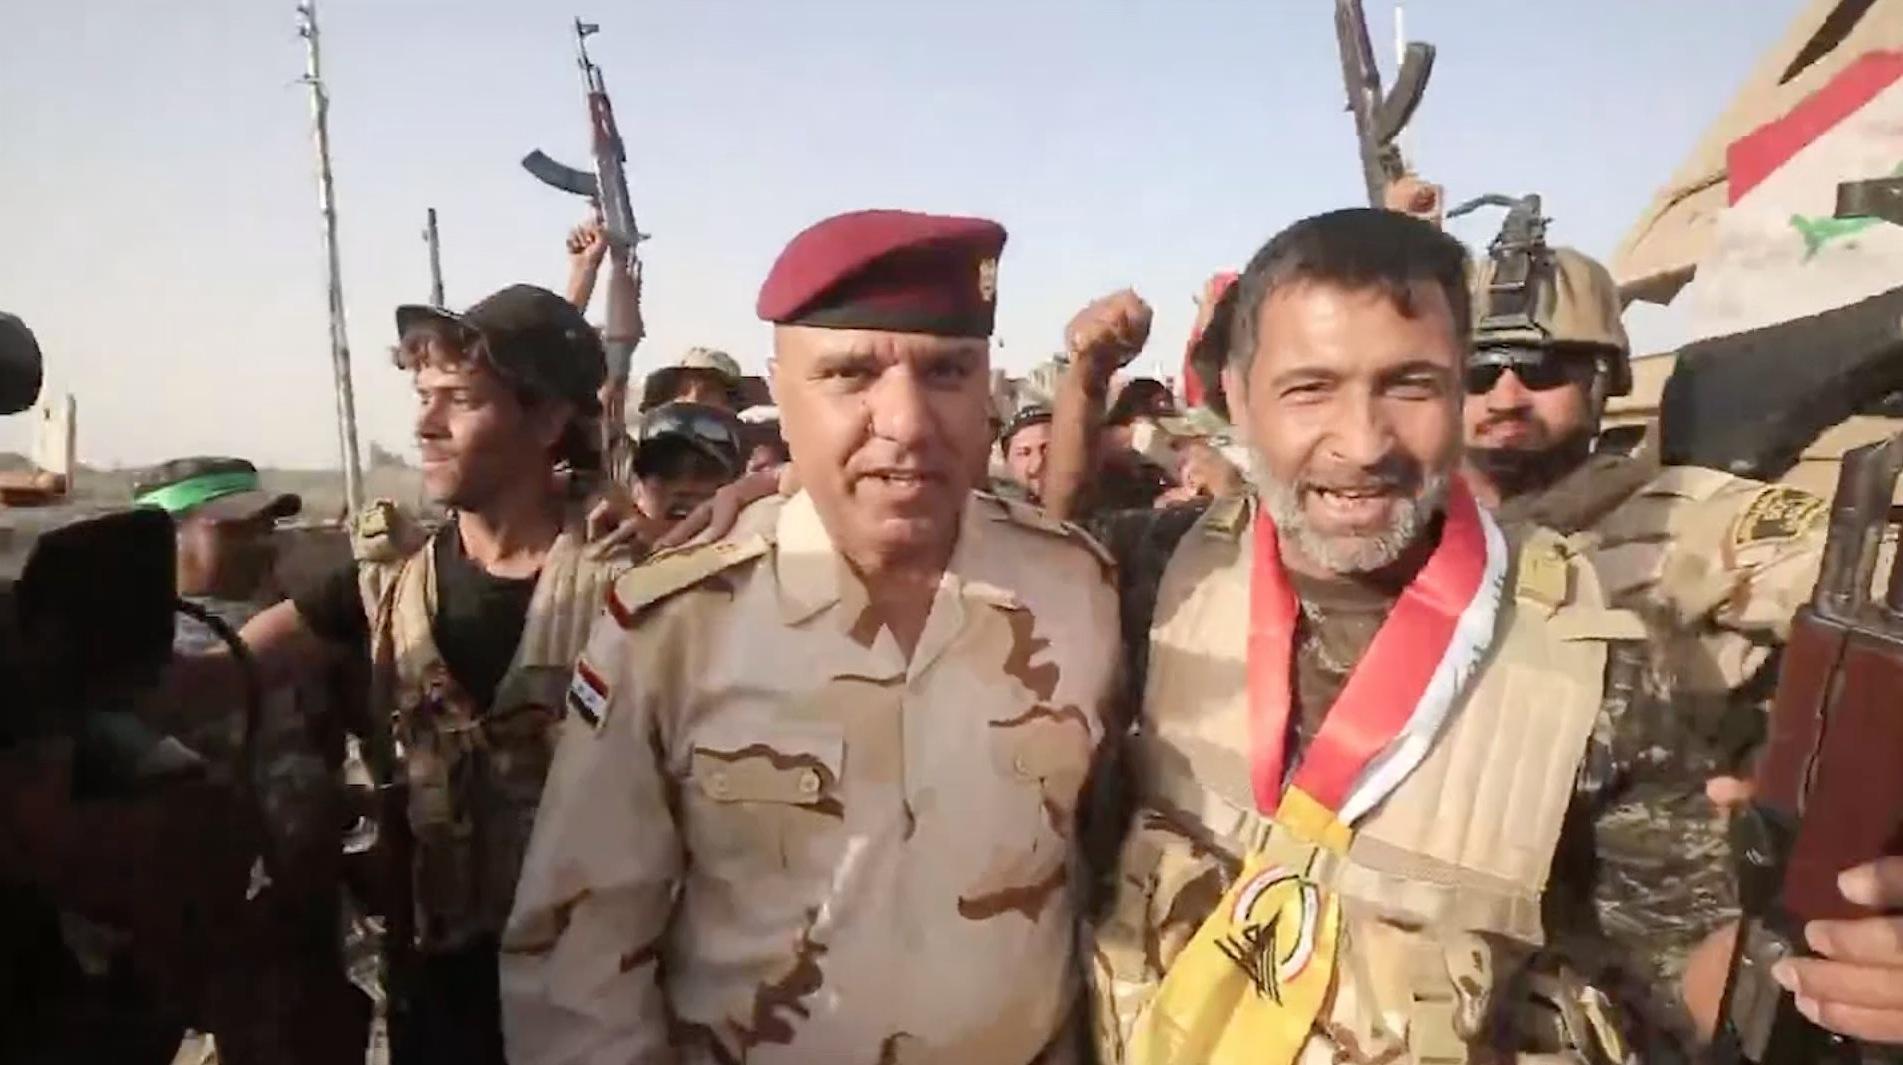 وسط غبار المعارك.. جنود عراقيون يحتفلون في قرية الزغاريد قرب الفلوجة